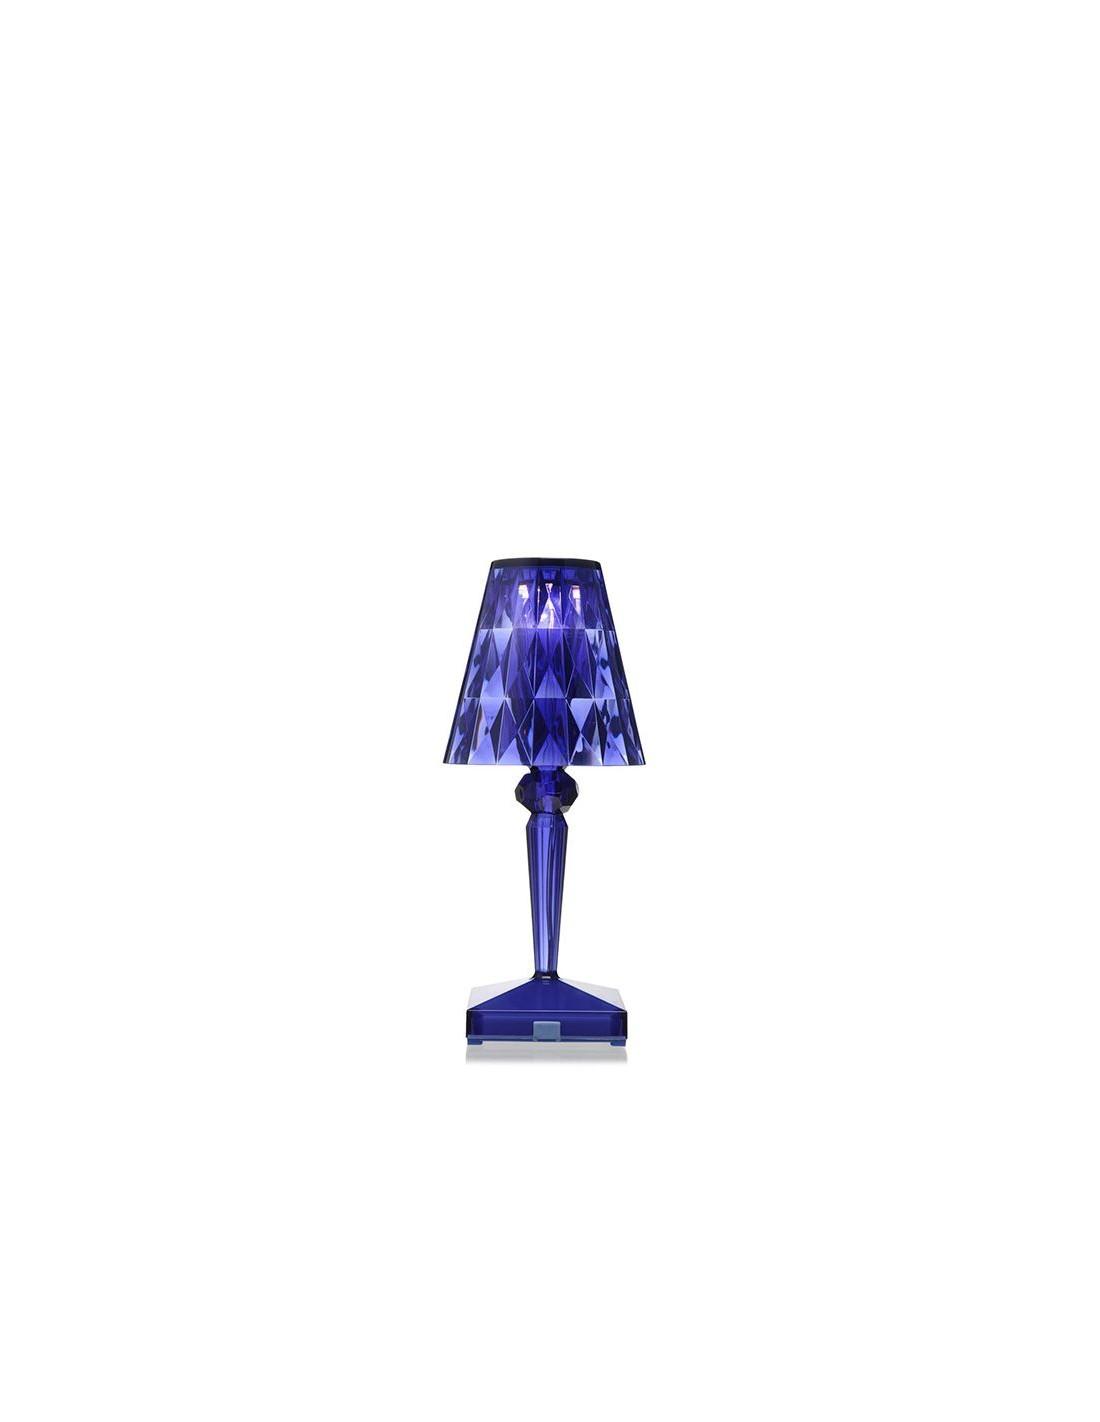 lampe de table sans fil battery bleu pour la marque kartell. Black Bedroom Furniture Sets. Home Design Ideas